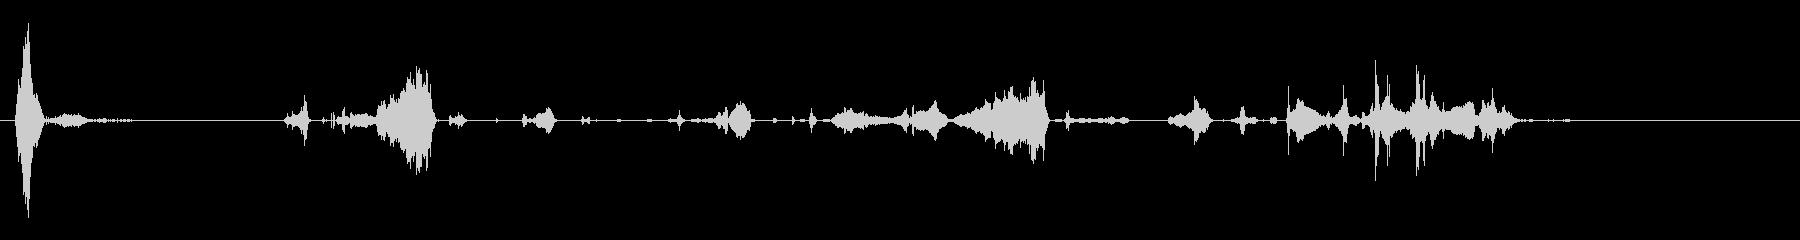 ルージュベイビージャガーの未再生の波形